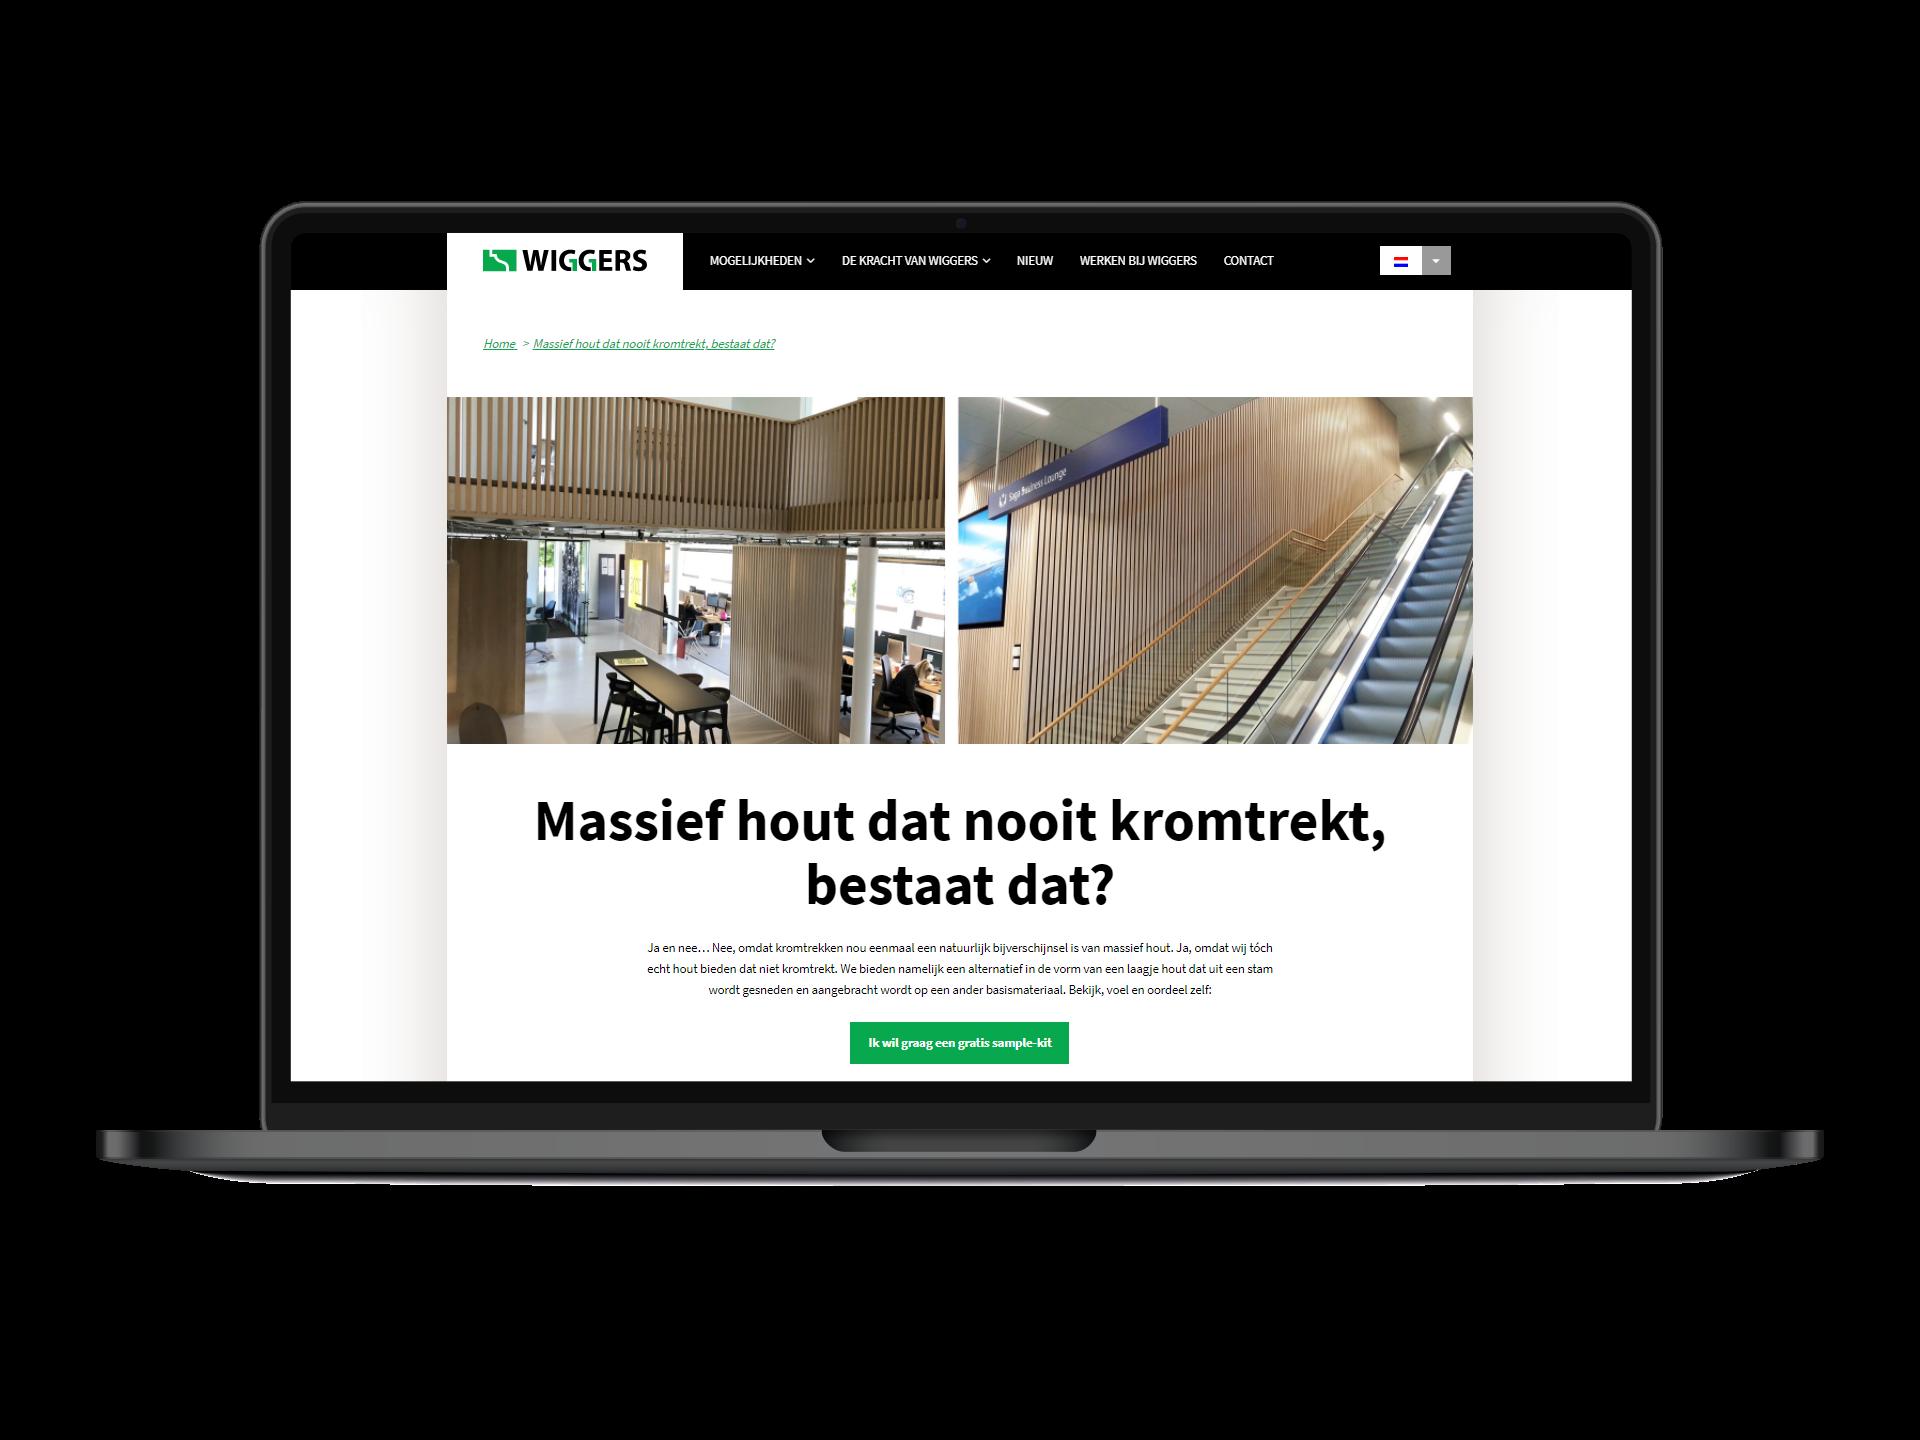 Slimme content marketing levert Wiggers nieuwe klanten op!